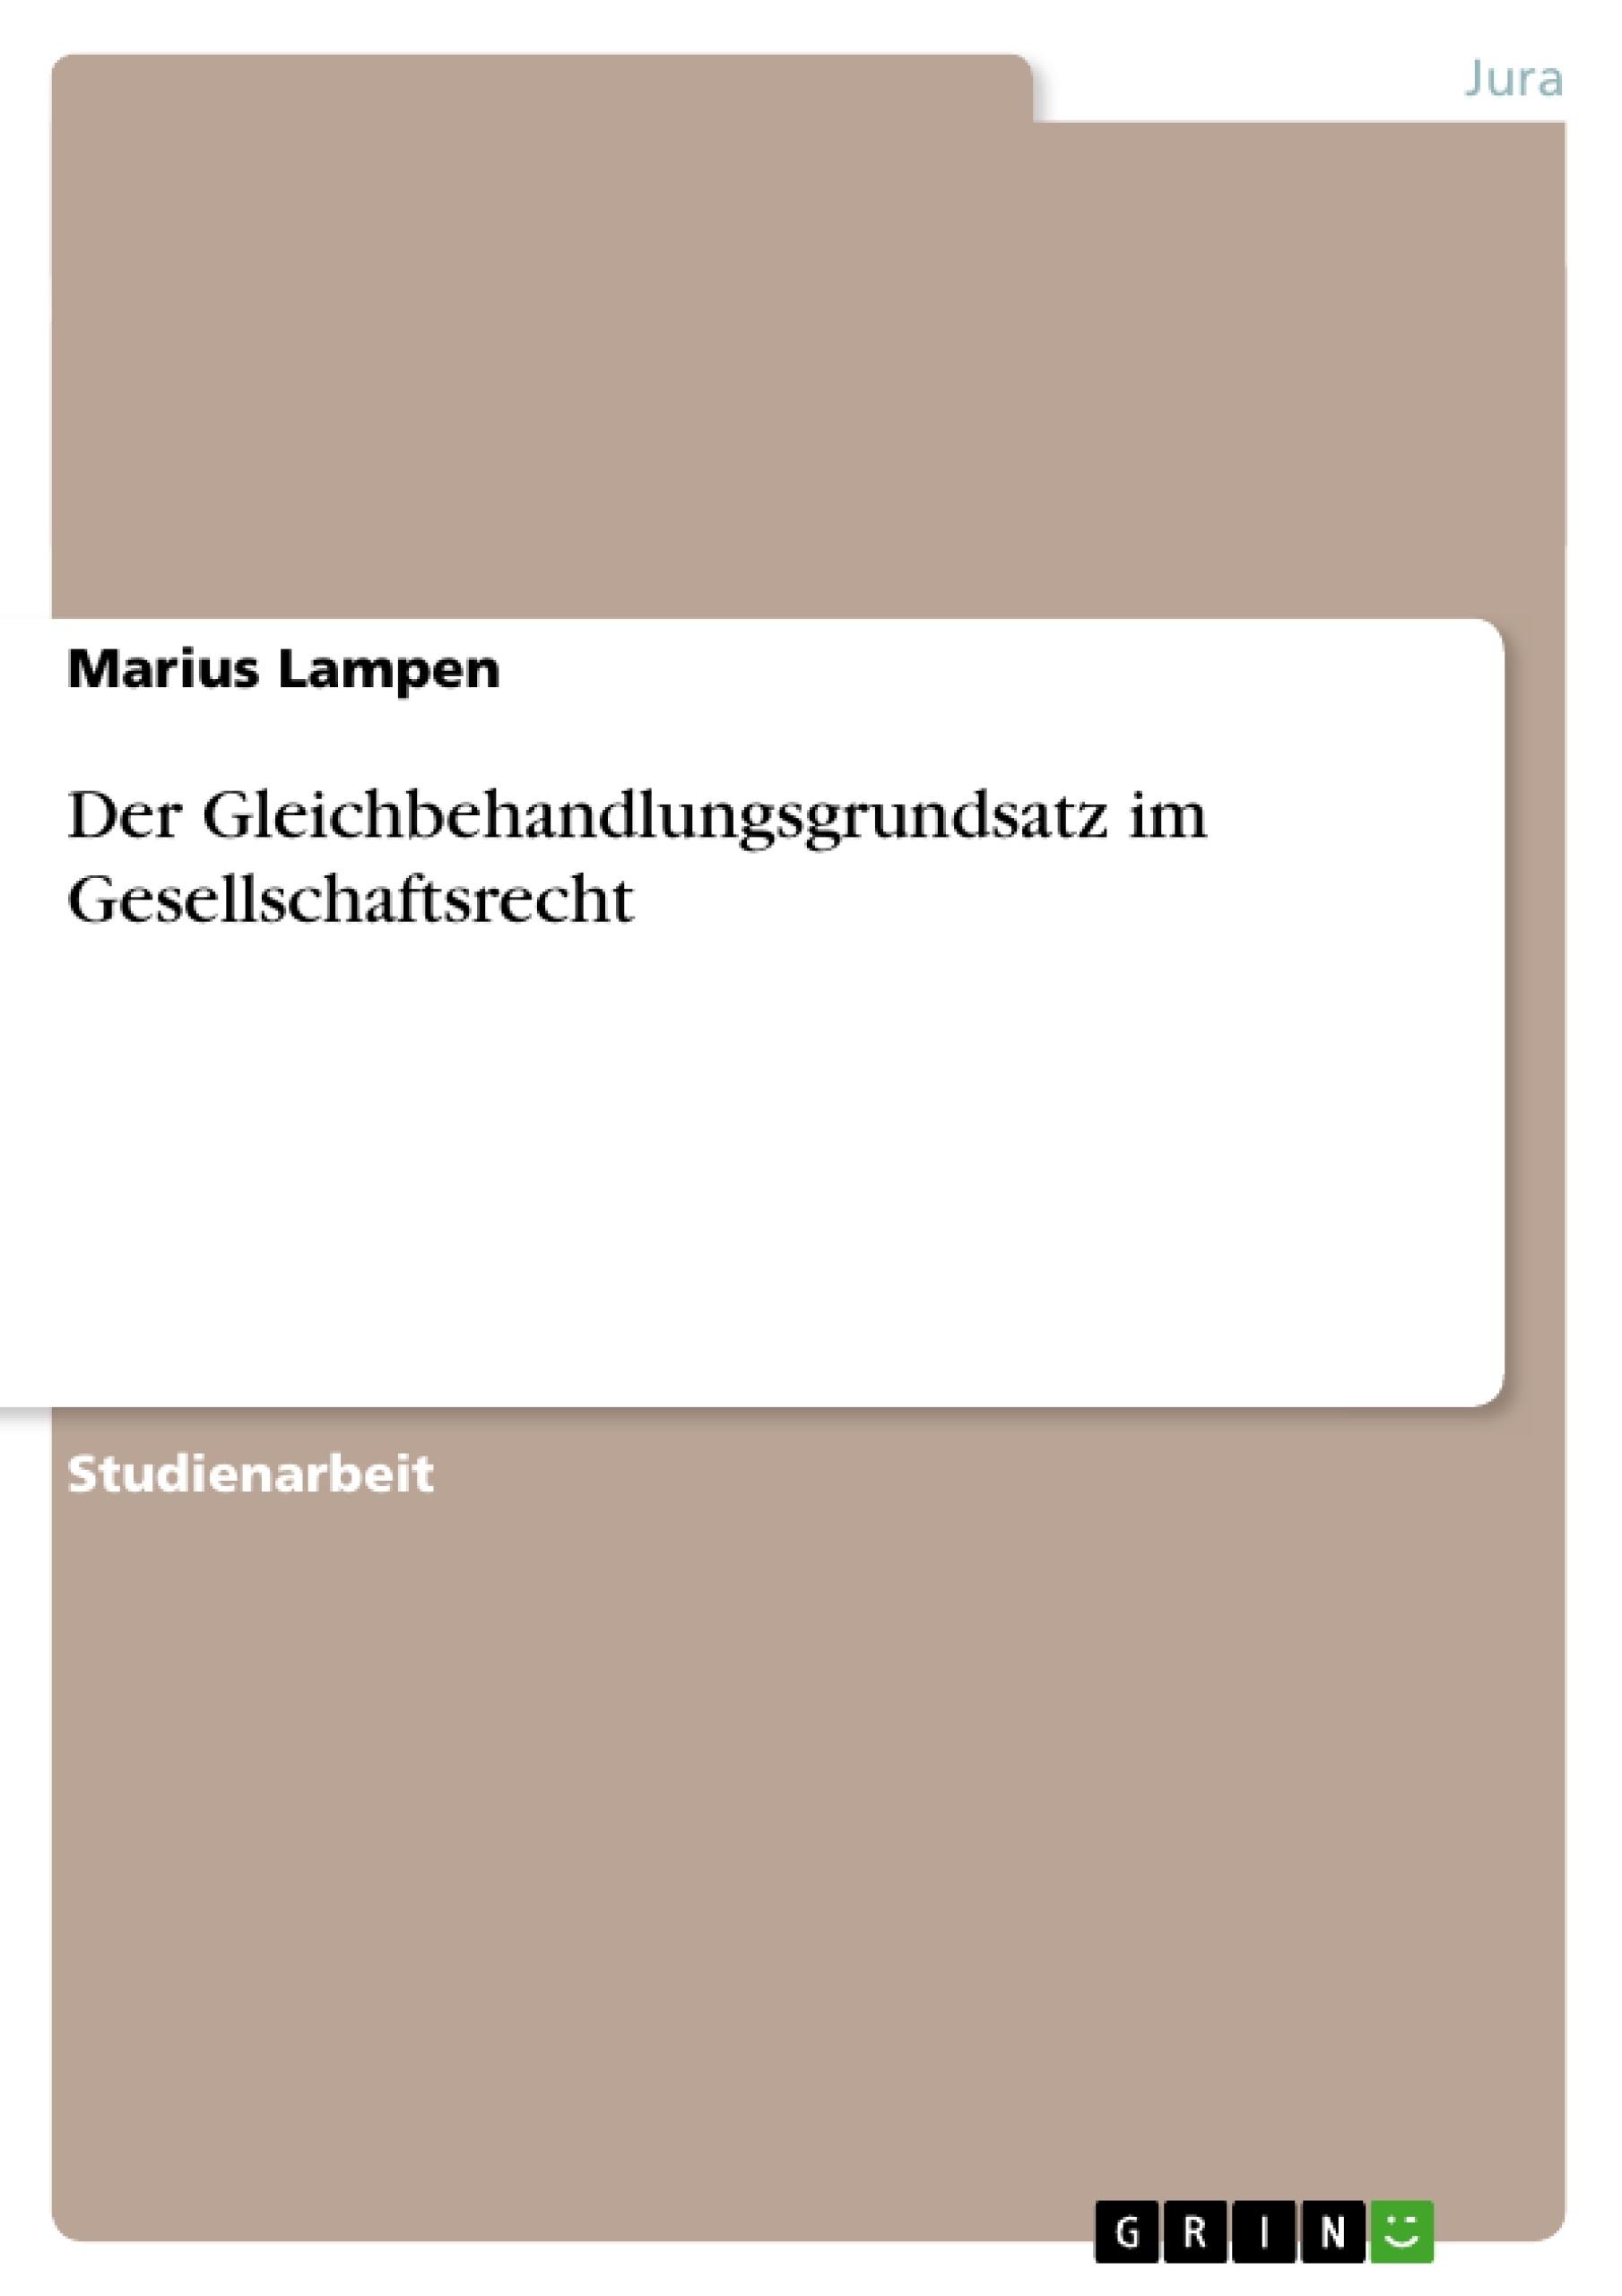 Titel: Der Gleichbehandlungsgrundsatz im Gesellschaftsrecht